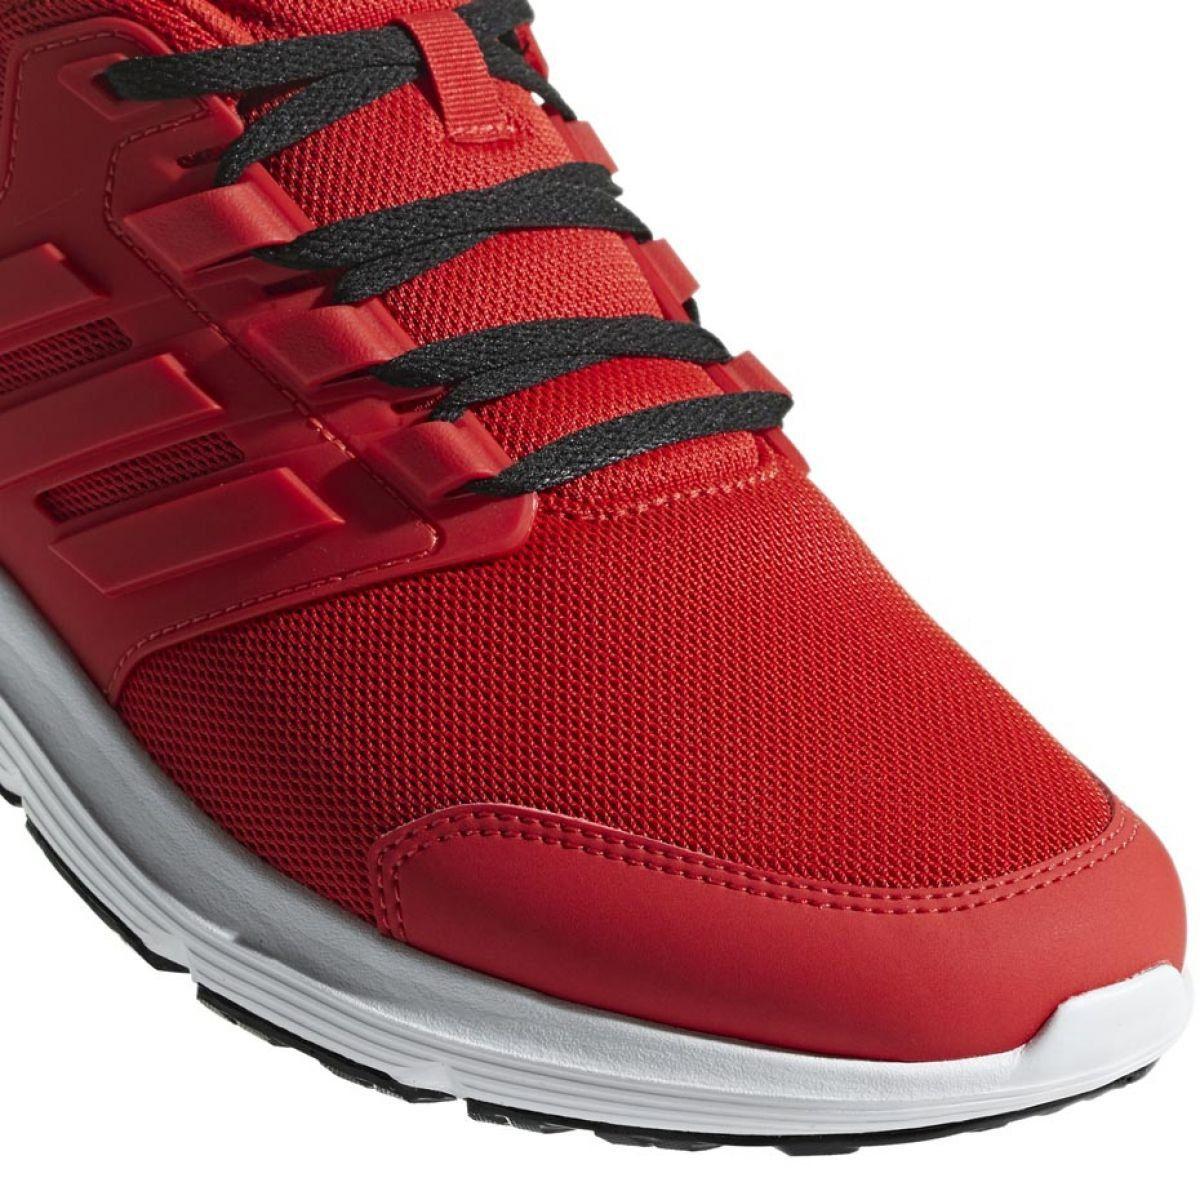 Buty Biegowe Adidas Galaxy 4 M F36160 Czerwone Adidas Running Shoes Running Shoes For Men Running Shoes